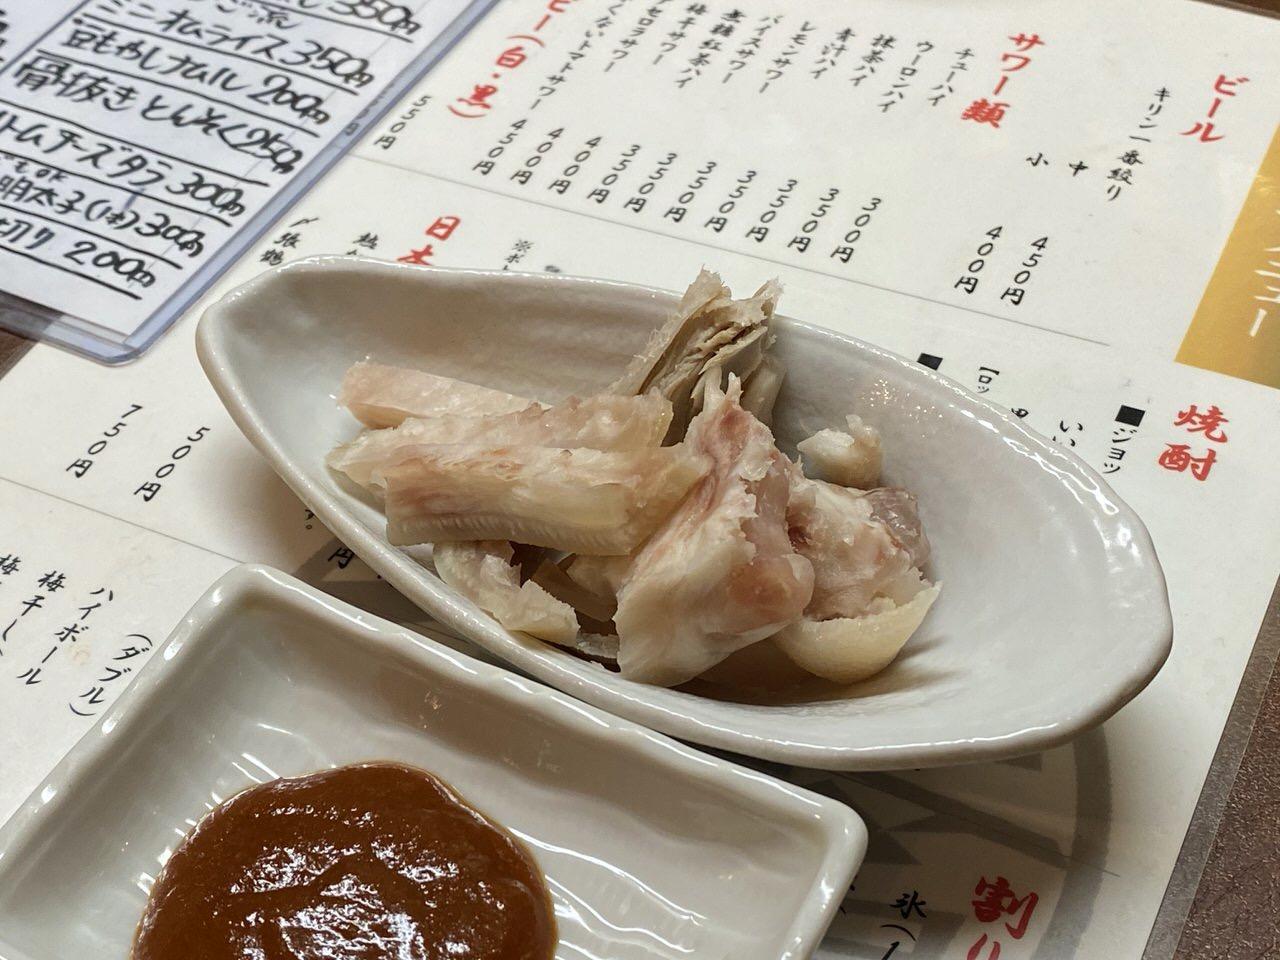 「ほりかご」居酒屋(板橋)9